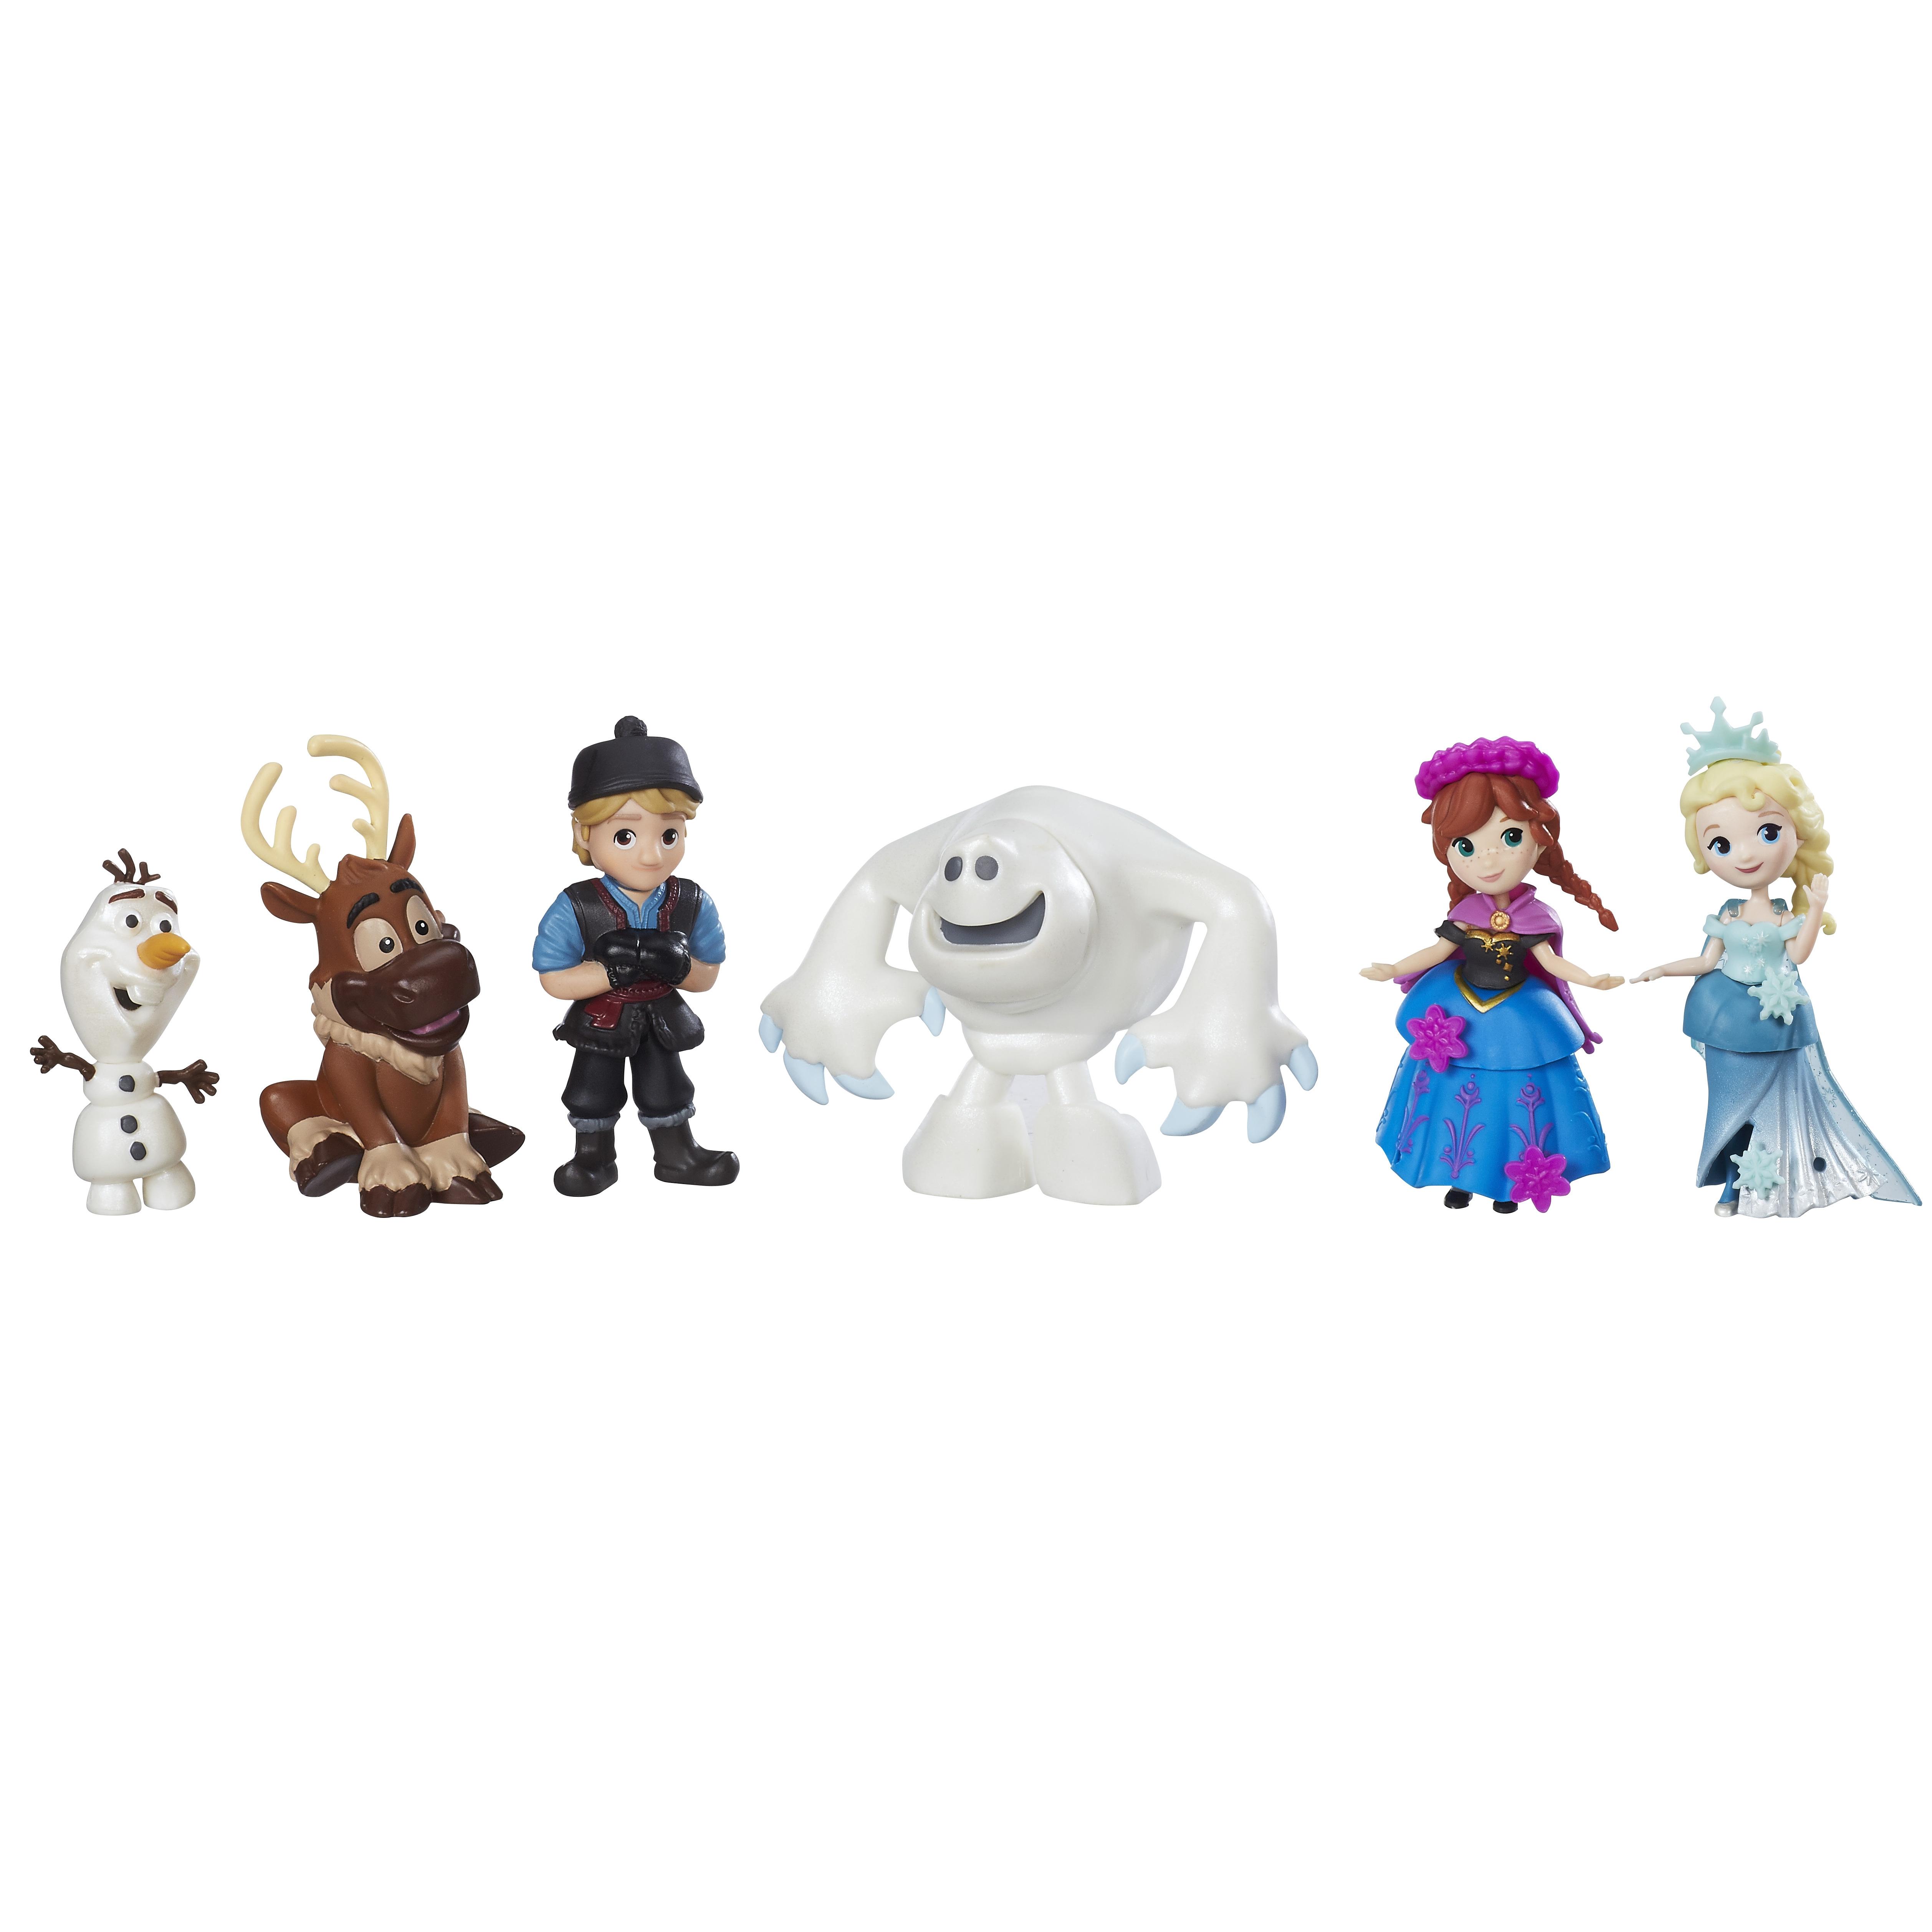 Игровой набор Hasbro Холодное сердце для коллекционеров disney холодное сердце раскрашиваем любимых героев набор для творчества